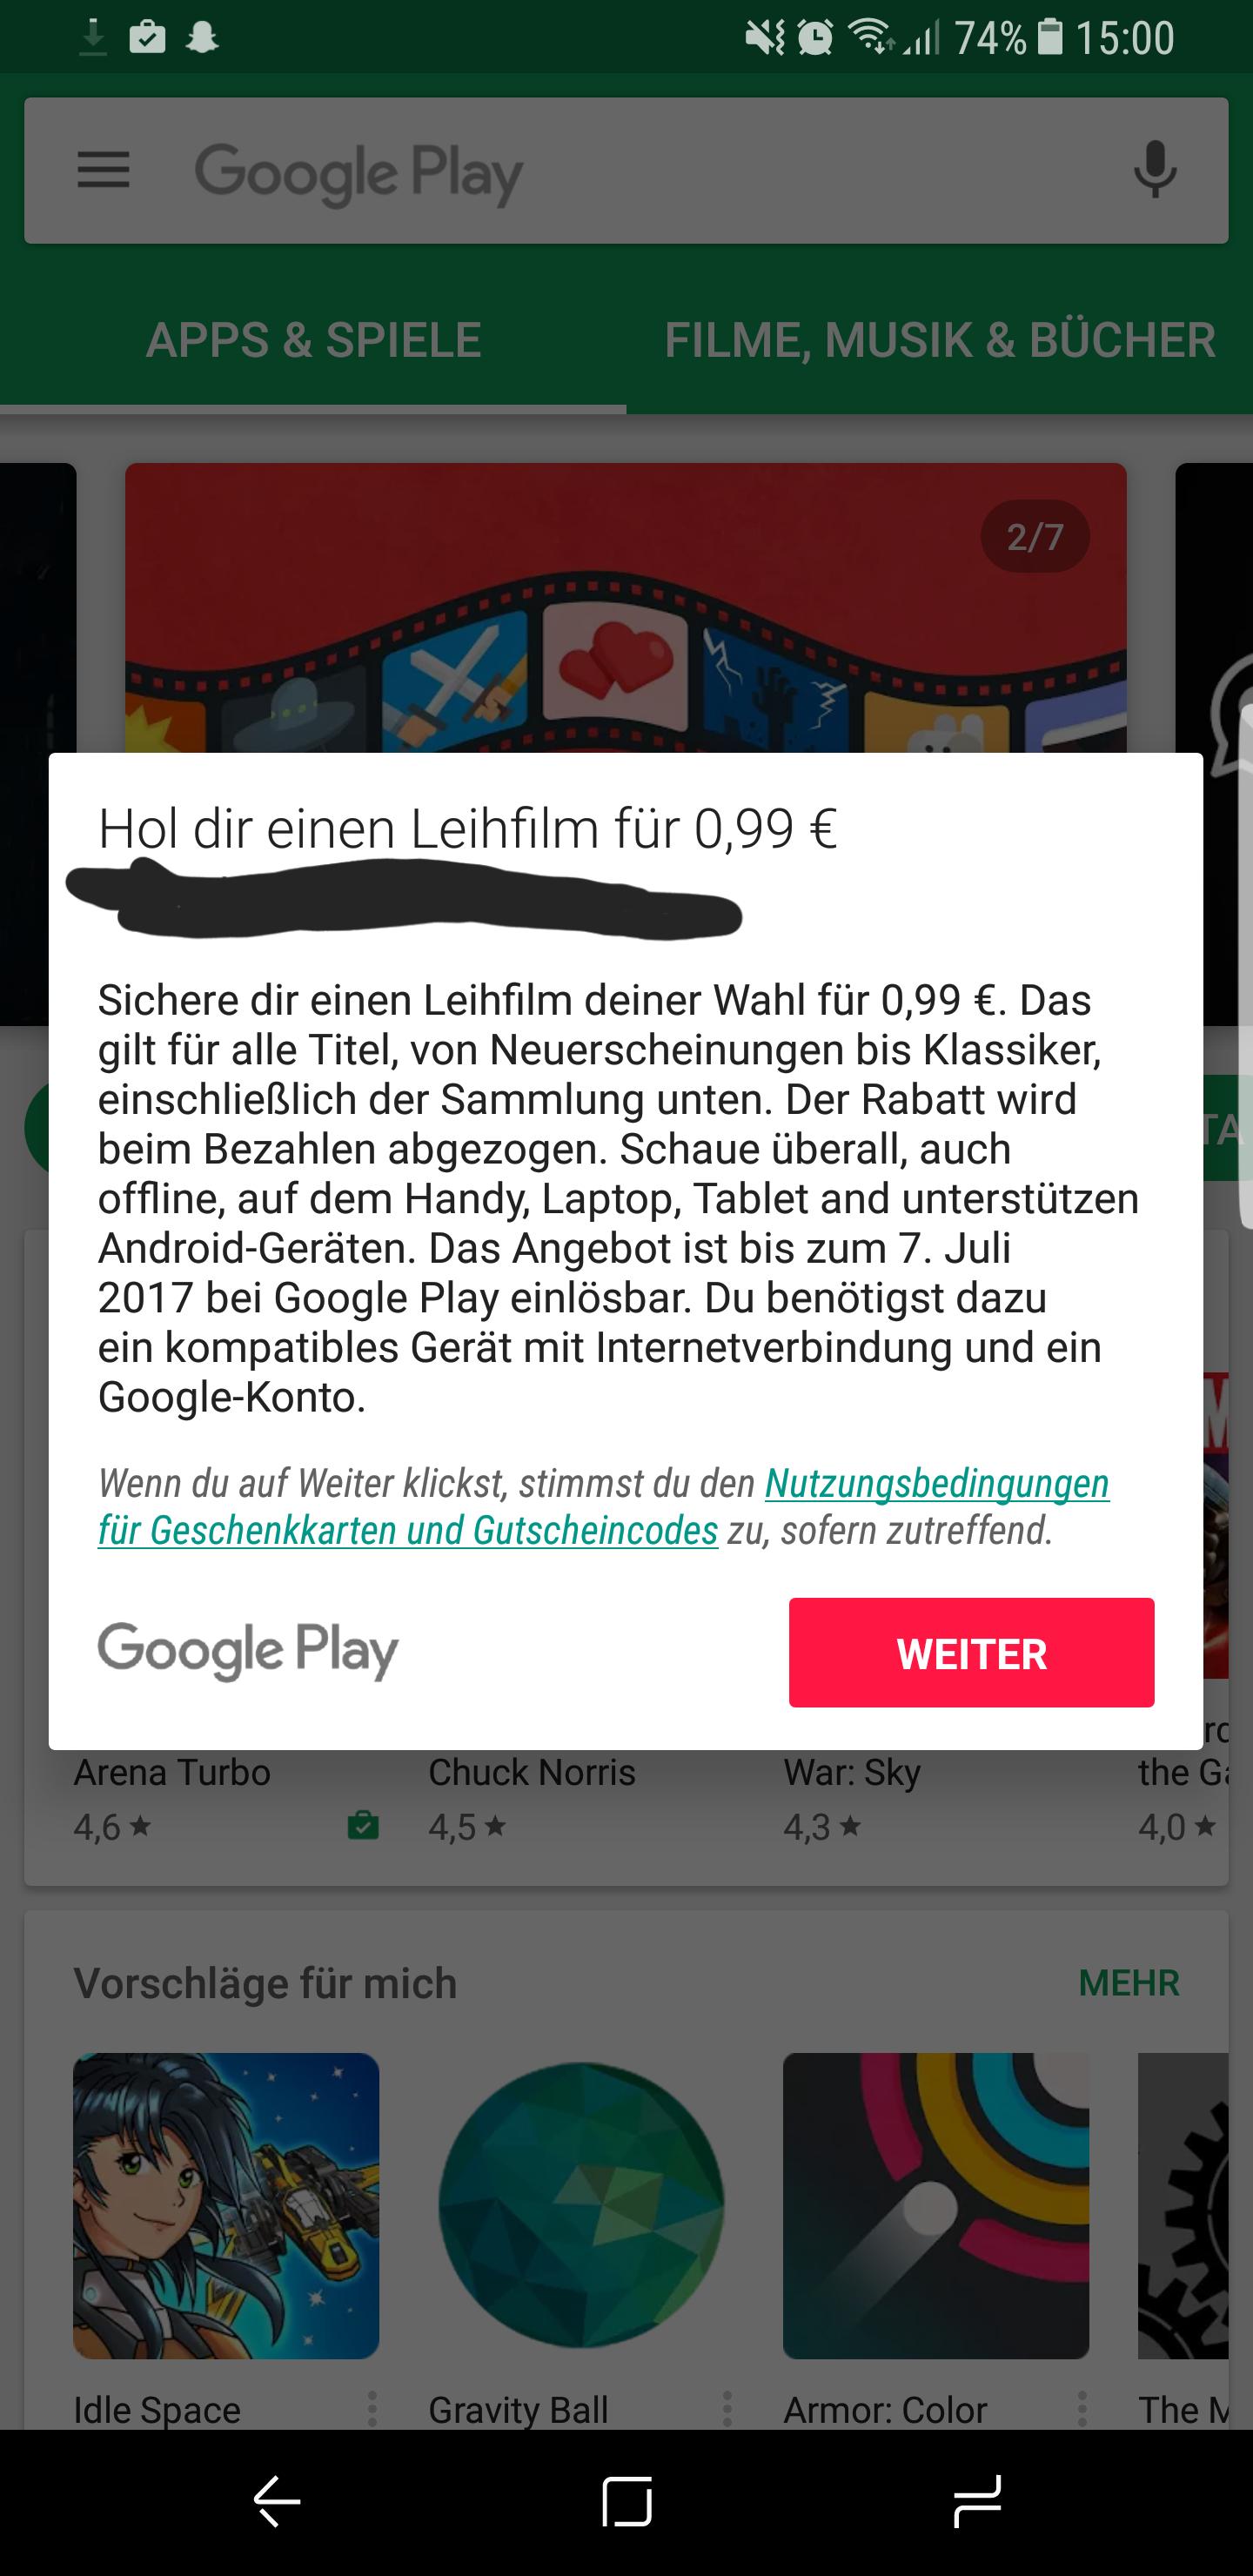 Einen Leihfilm für 0,99€! Bei GooglePlay